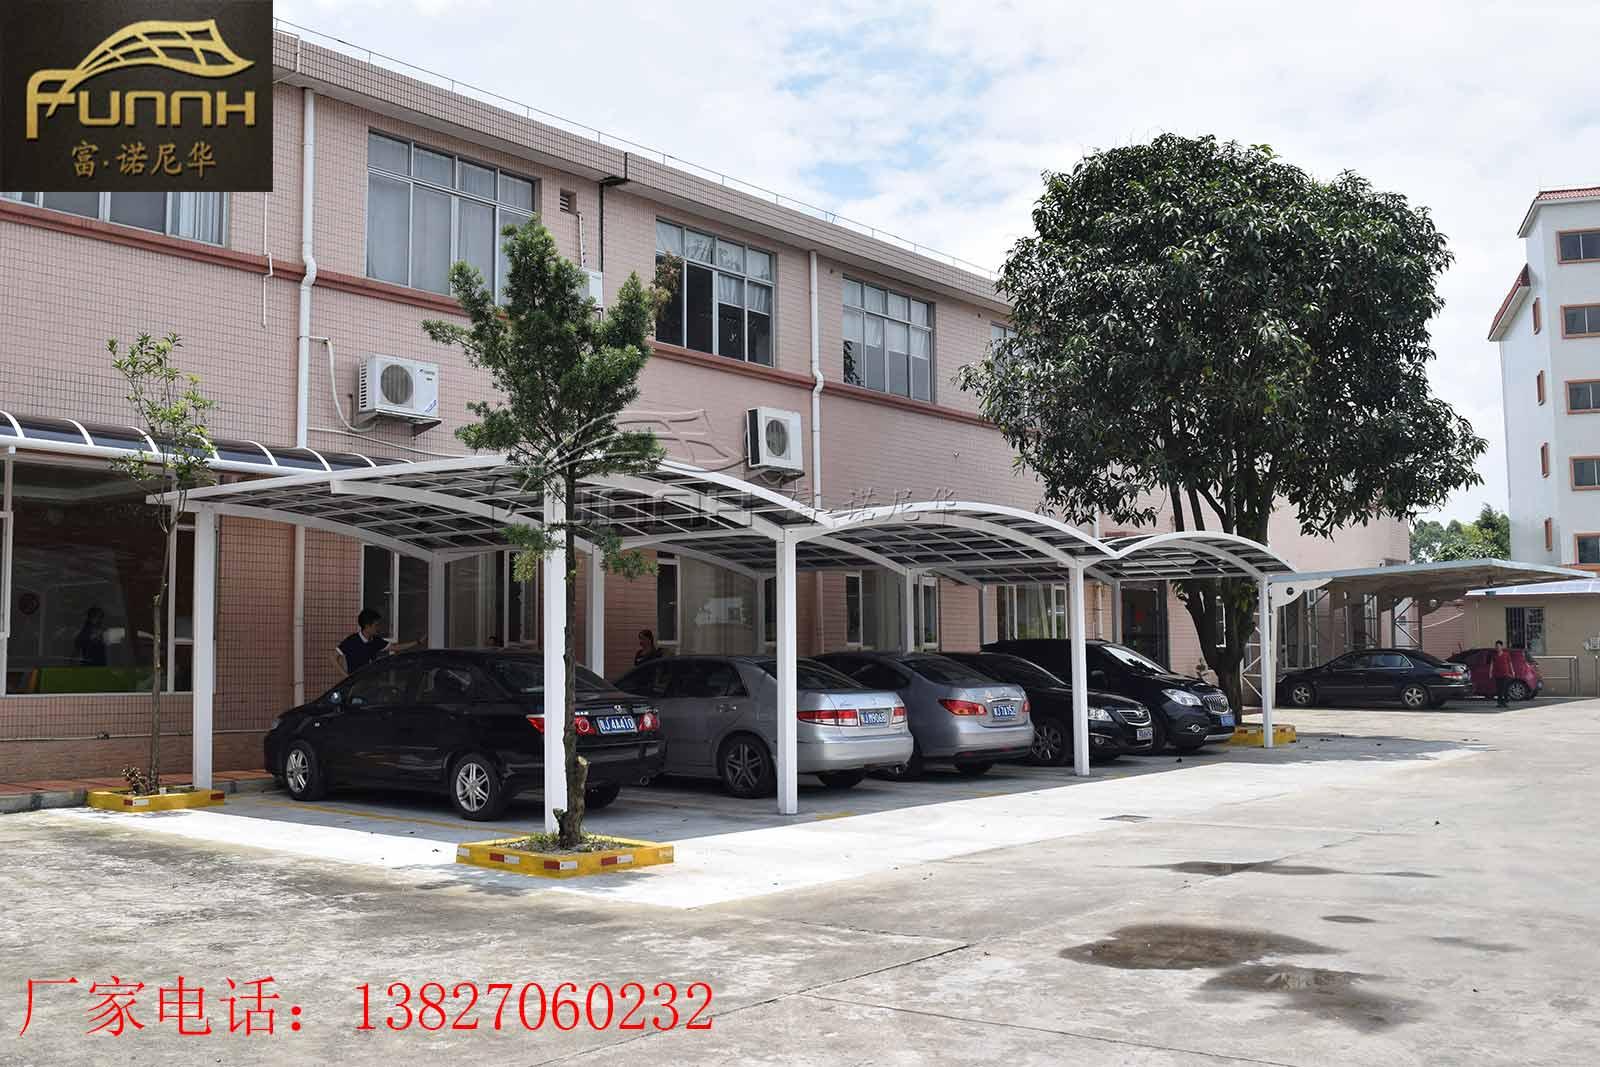 鋁合金車棚戶外小區廣場車篷 廠家定制防雨防曬耐力板遮陽棚